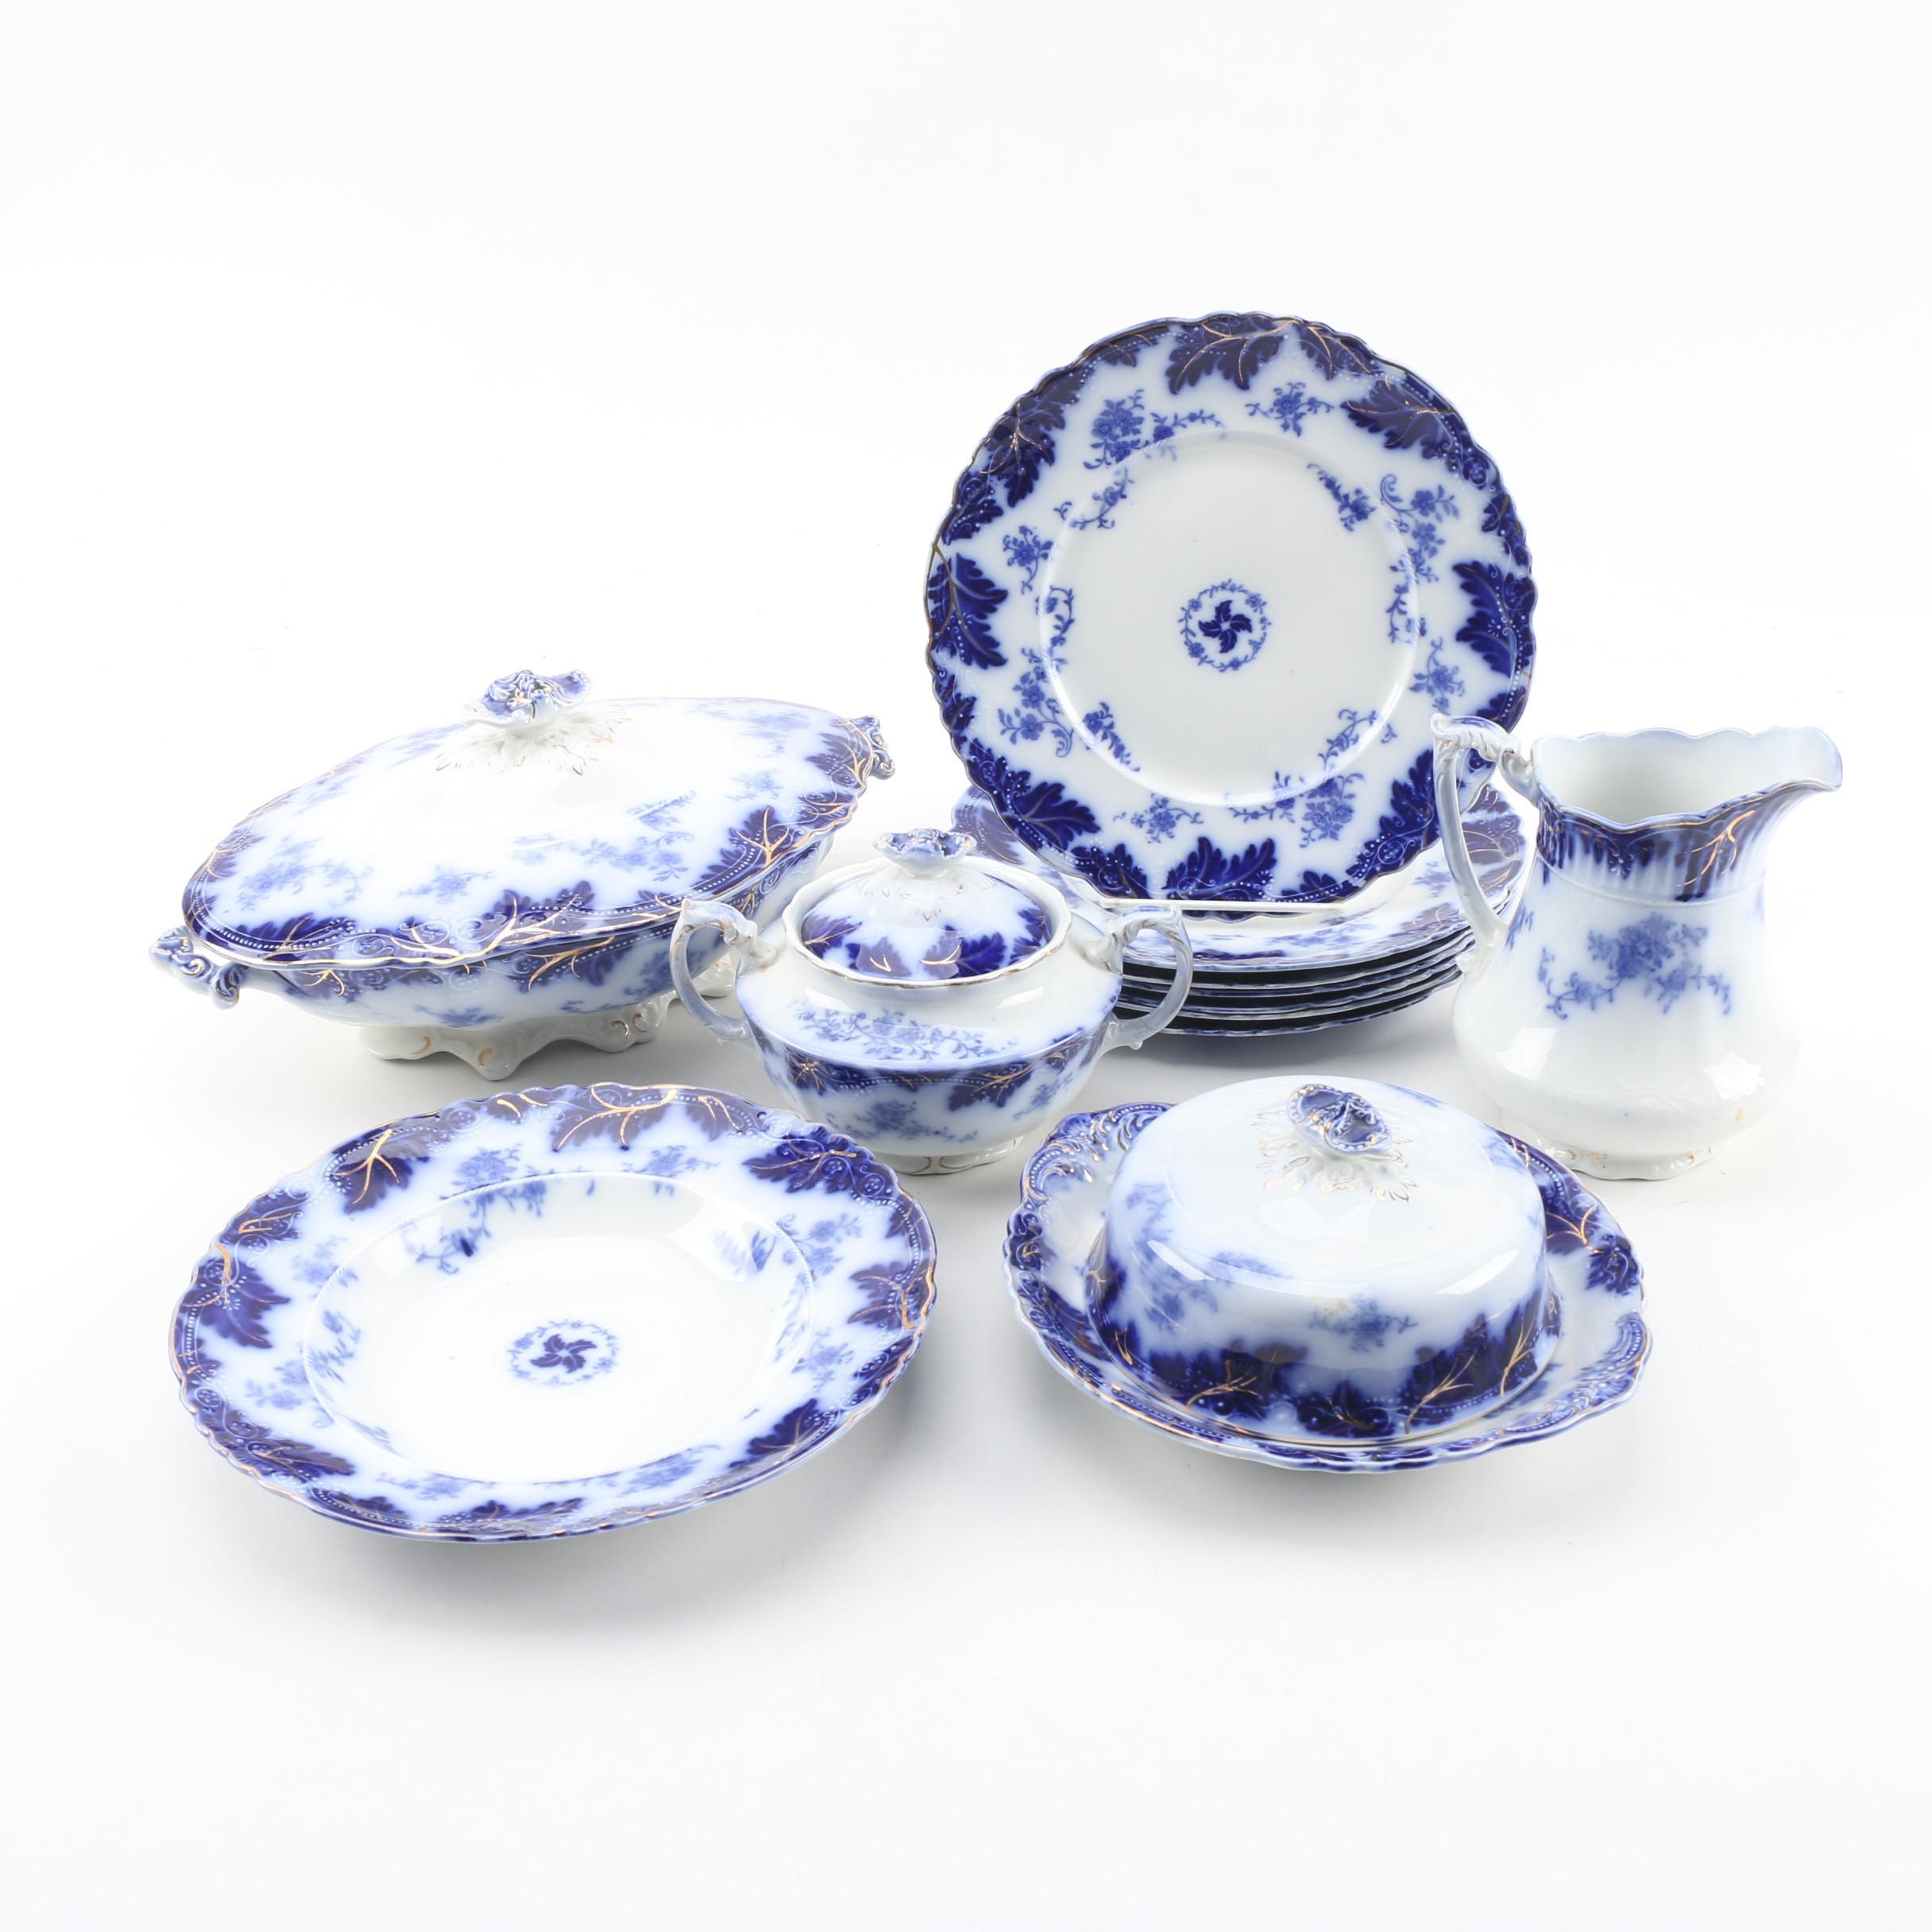 """W.H. Grindley & Co. """"Brazil"""" Flow Blue Transfer Dinnerware, c.1891 - 1914"""